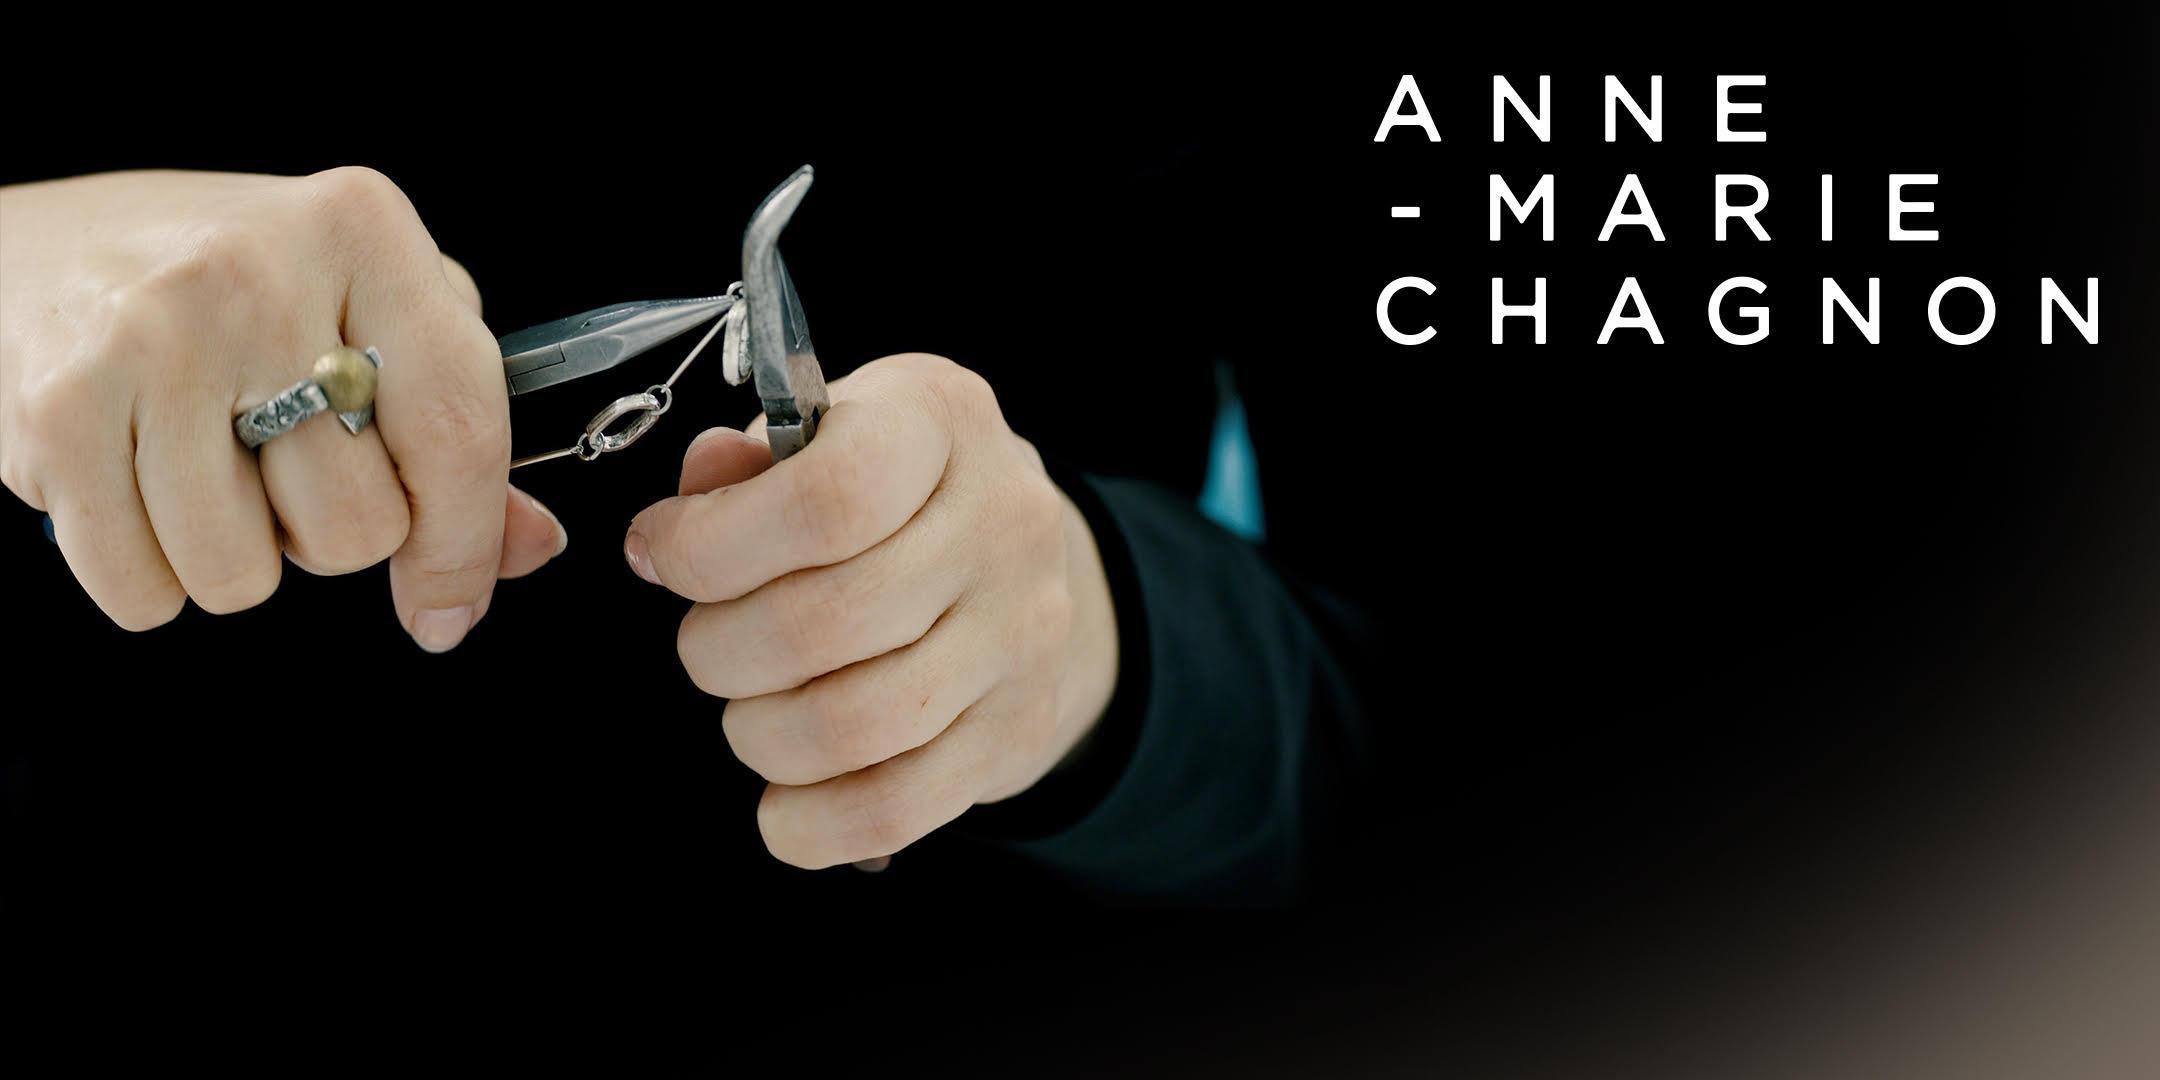 La face cachée des bijoux Anne-Marie Chagnon